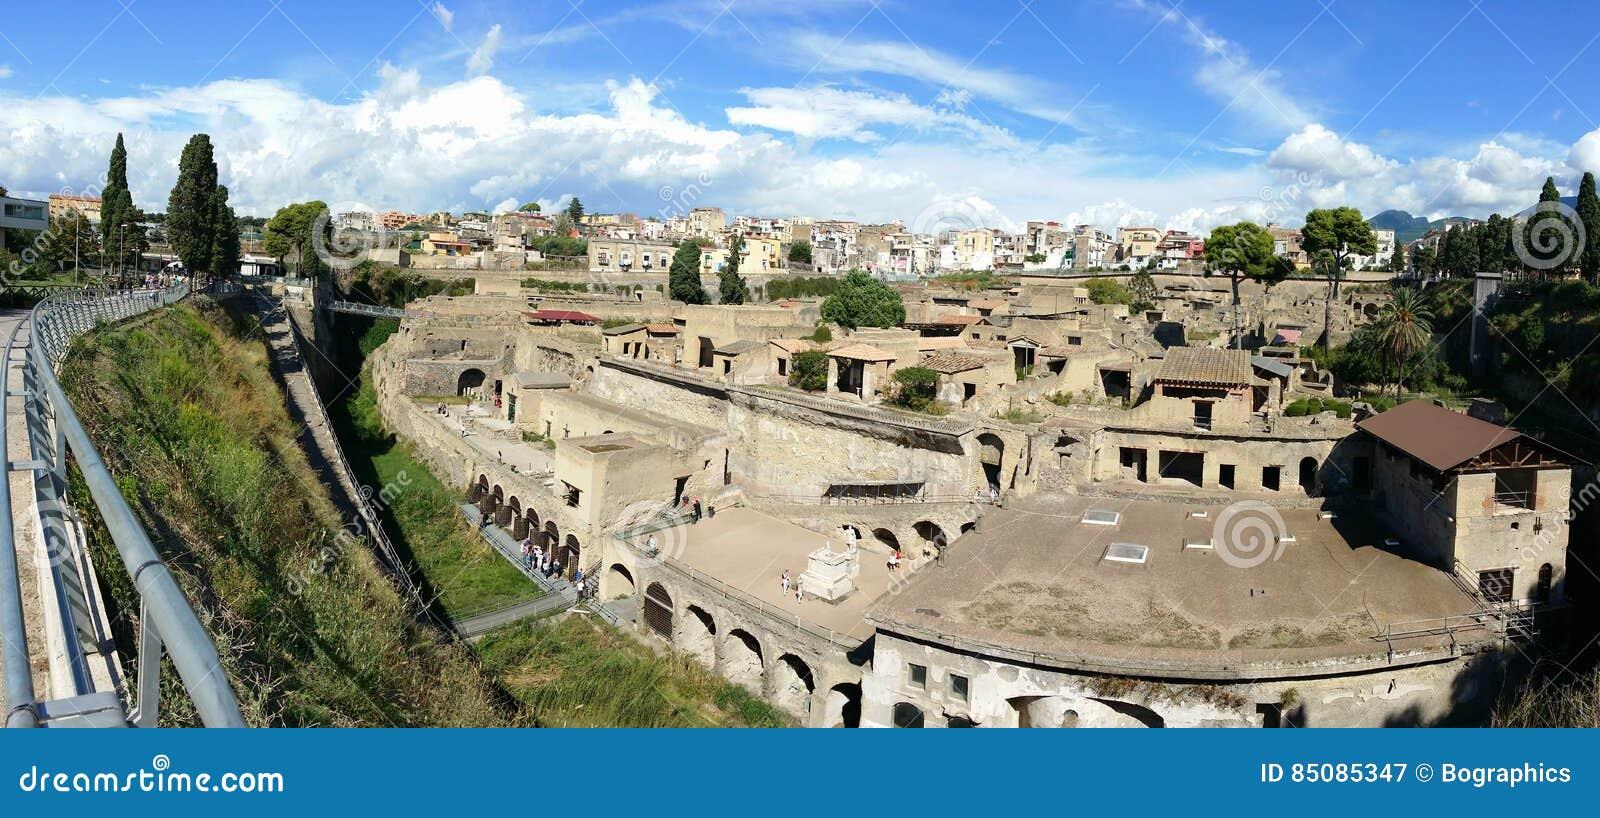 Archaeological site panorama - Herculaneum Vesuvius